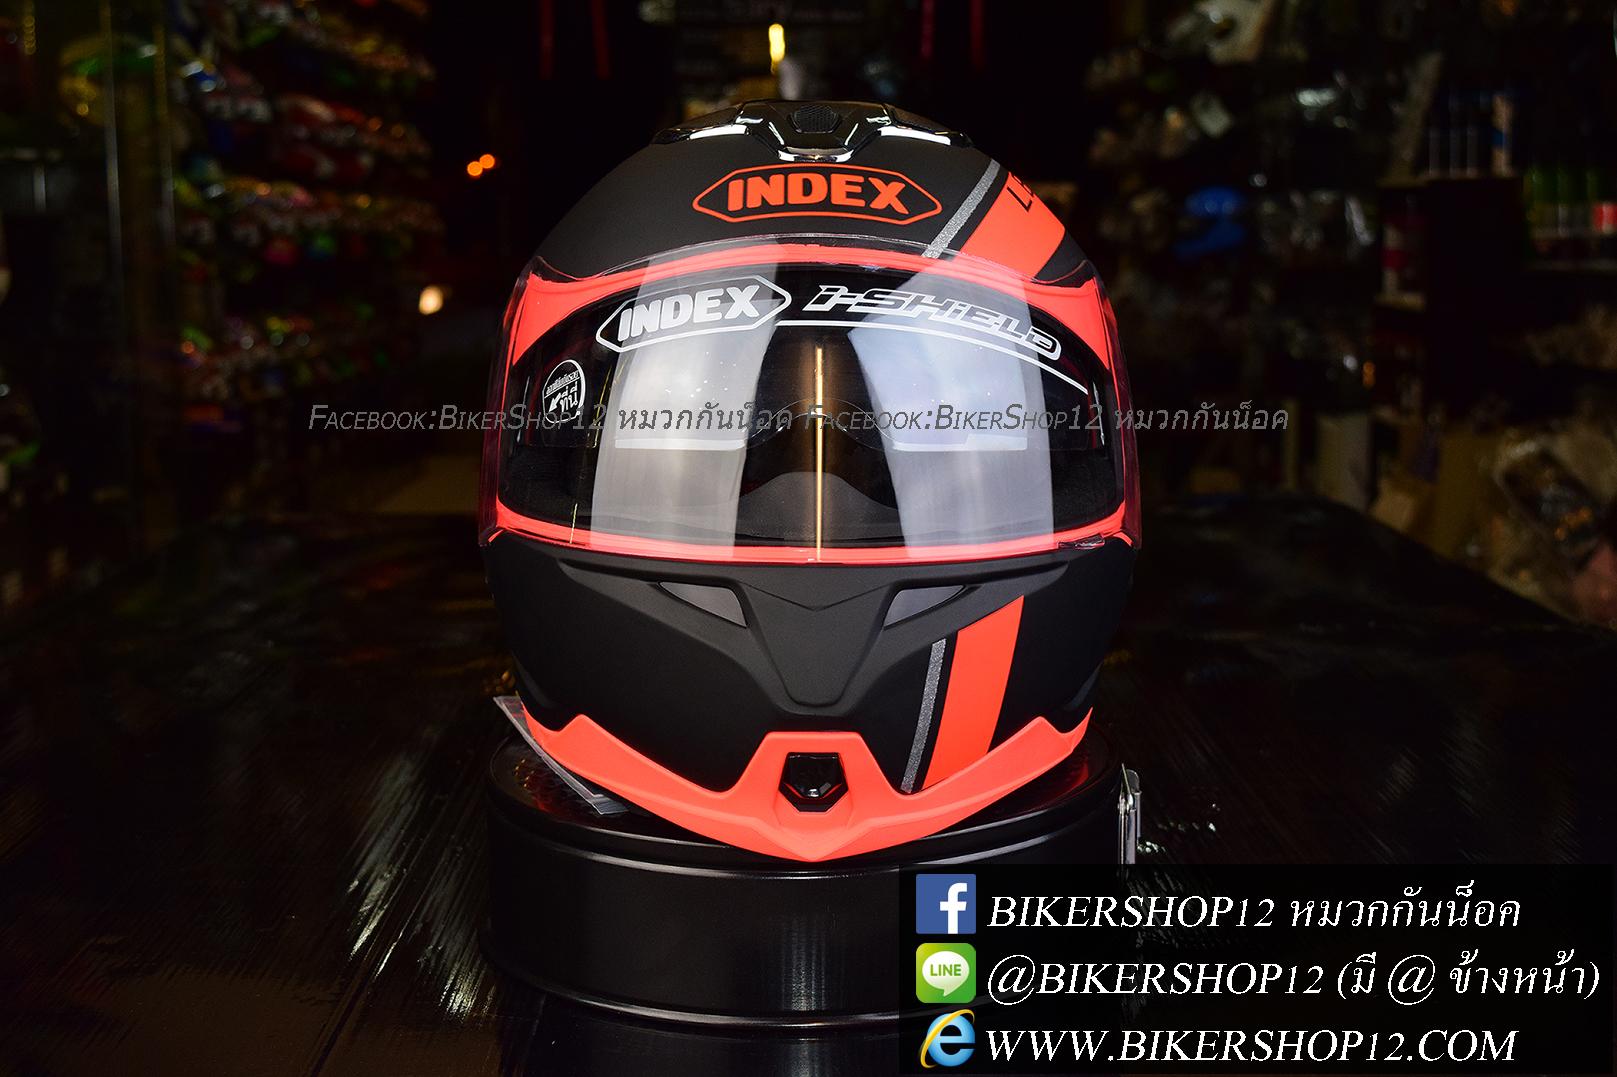 หมวกกันน็อค INDEX รุ่น Legenda i-shield สี BLACK-FROS/ORANGE